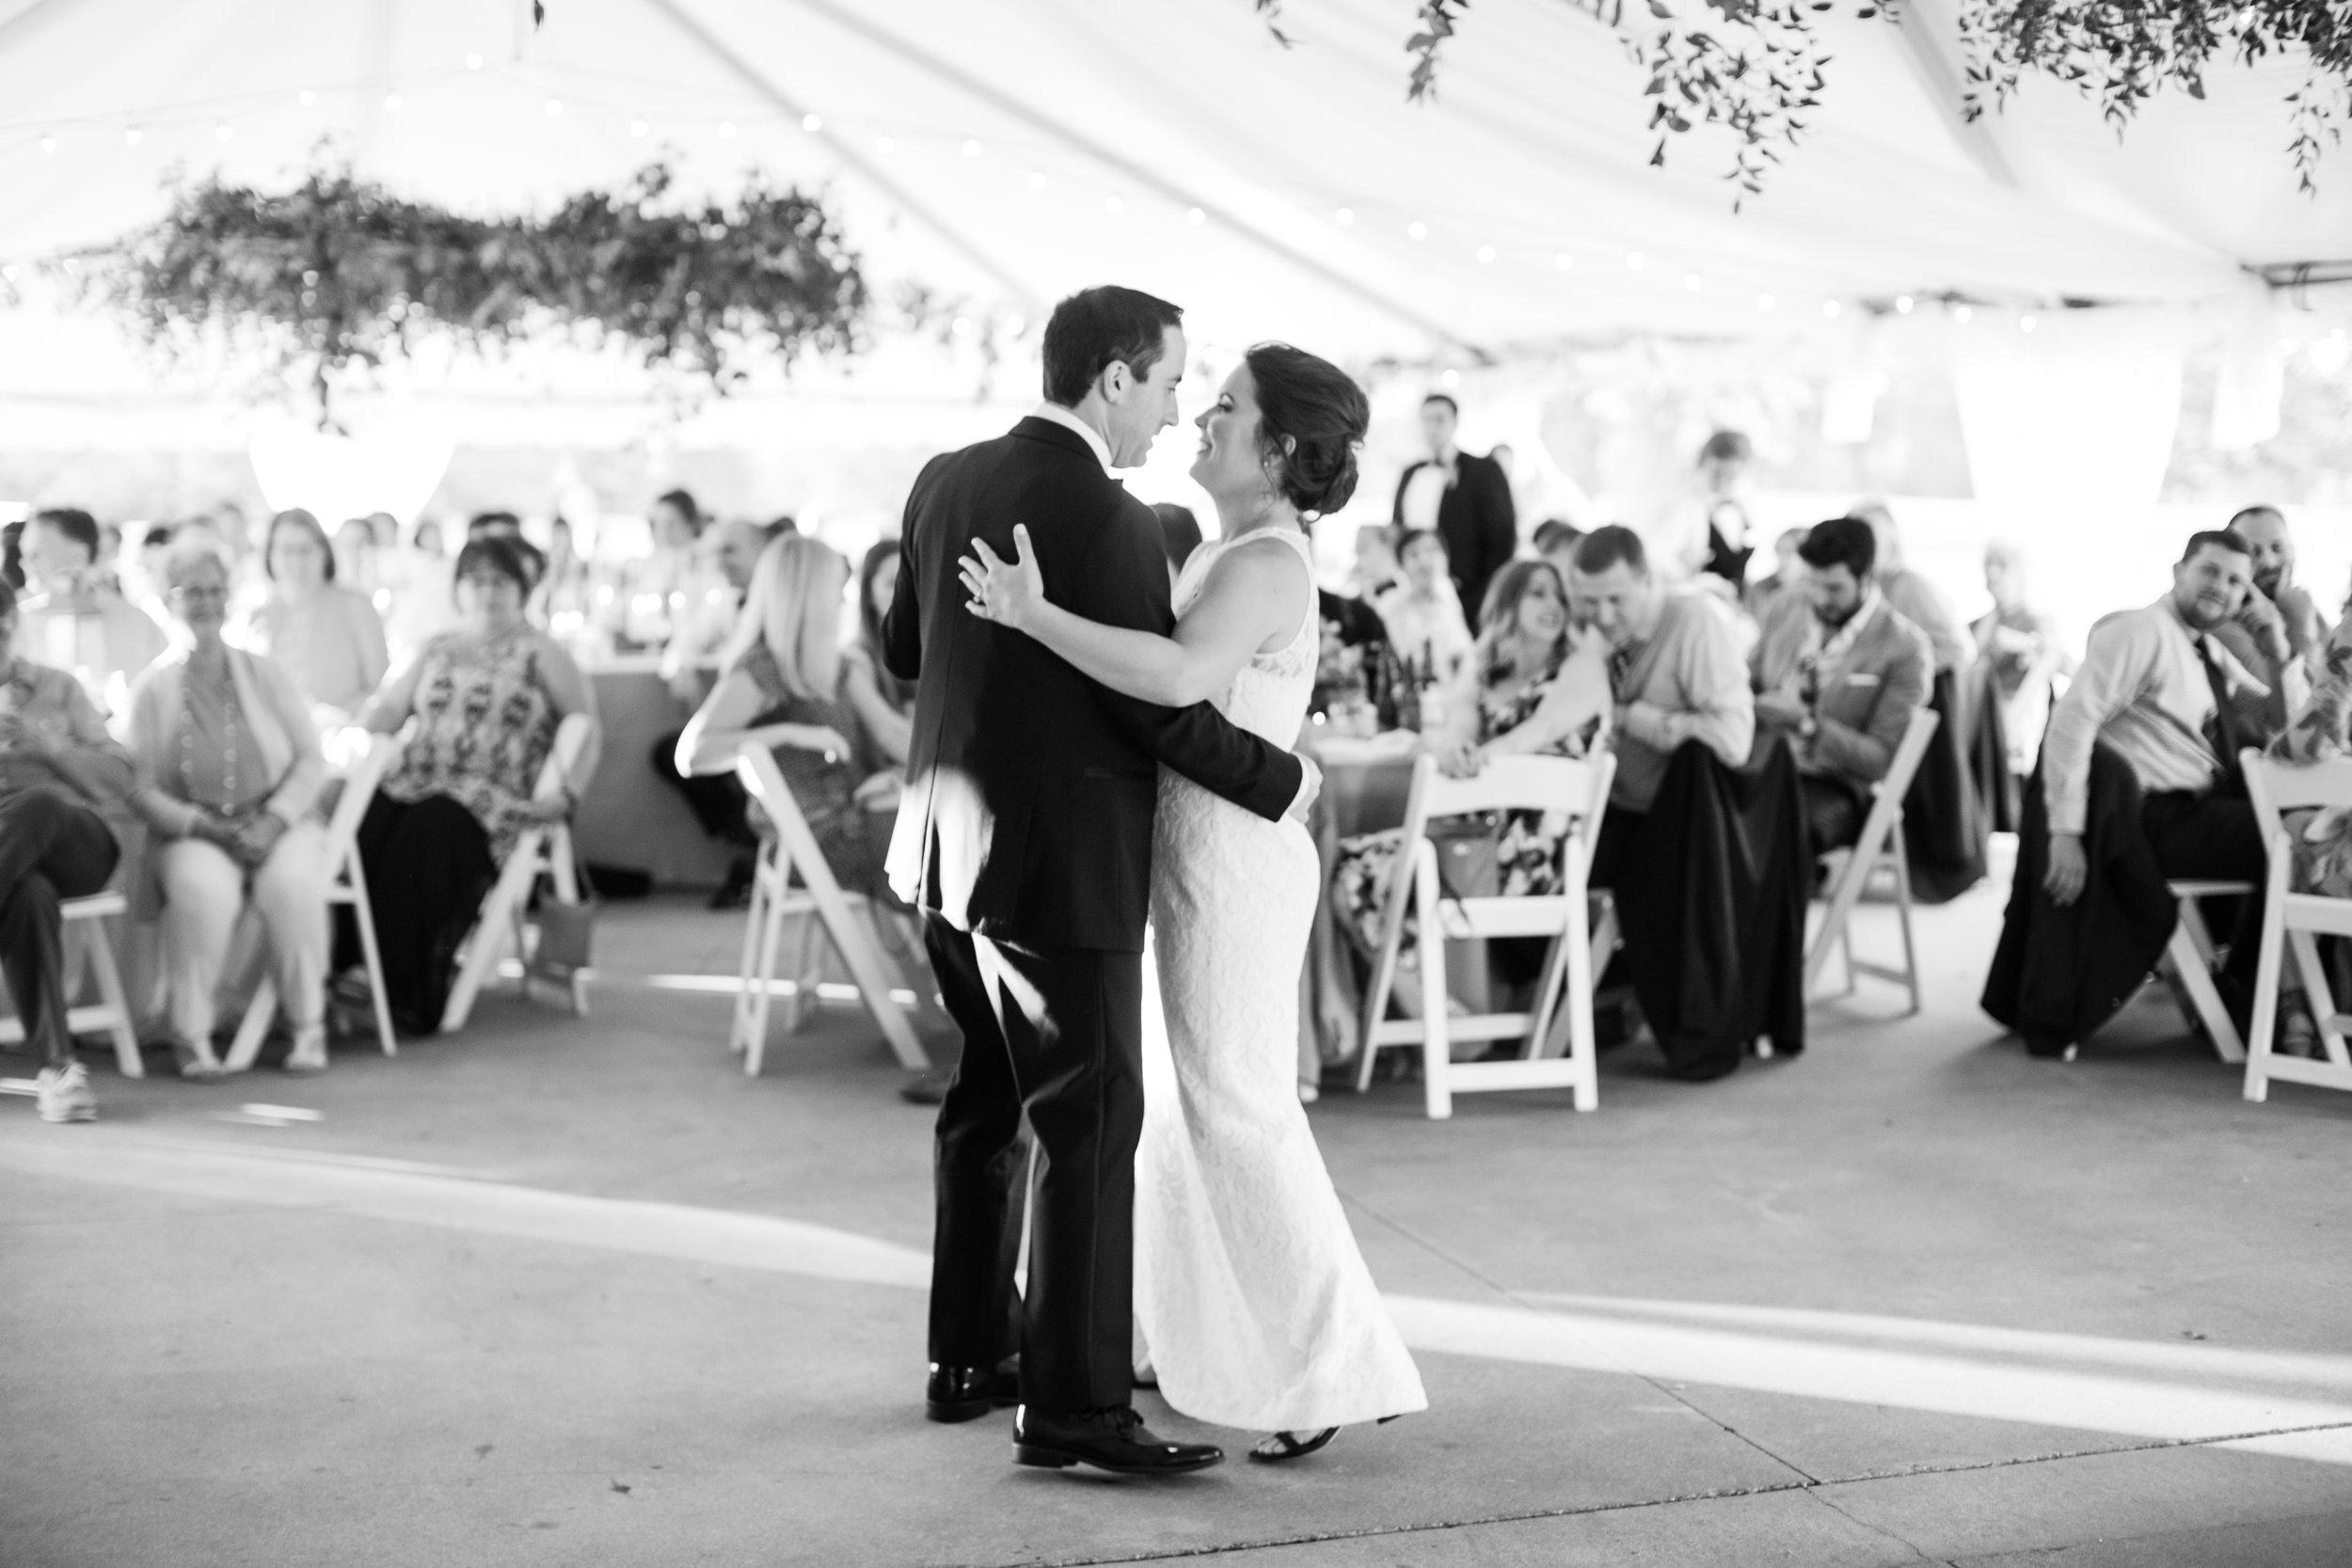 Zoller+Wedding+Reception+First+Dance-9.jpg